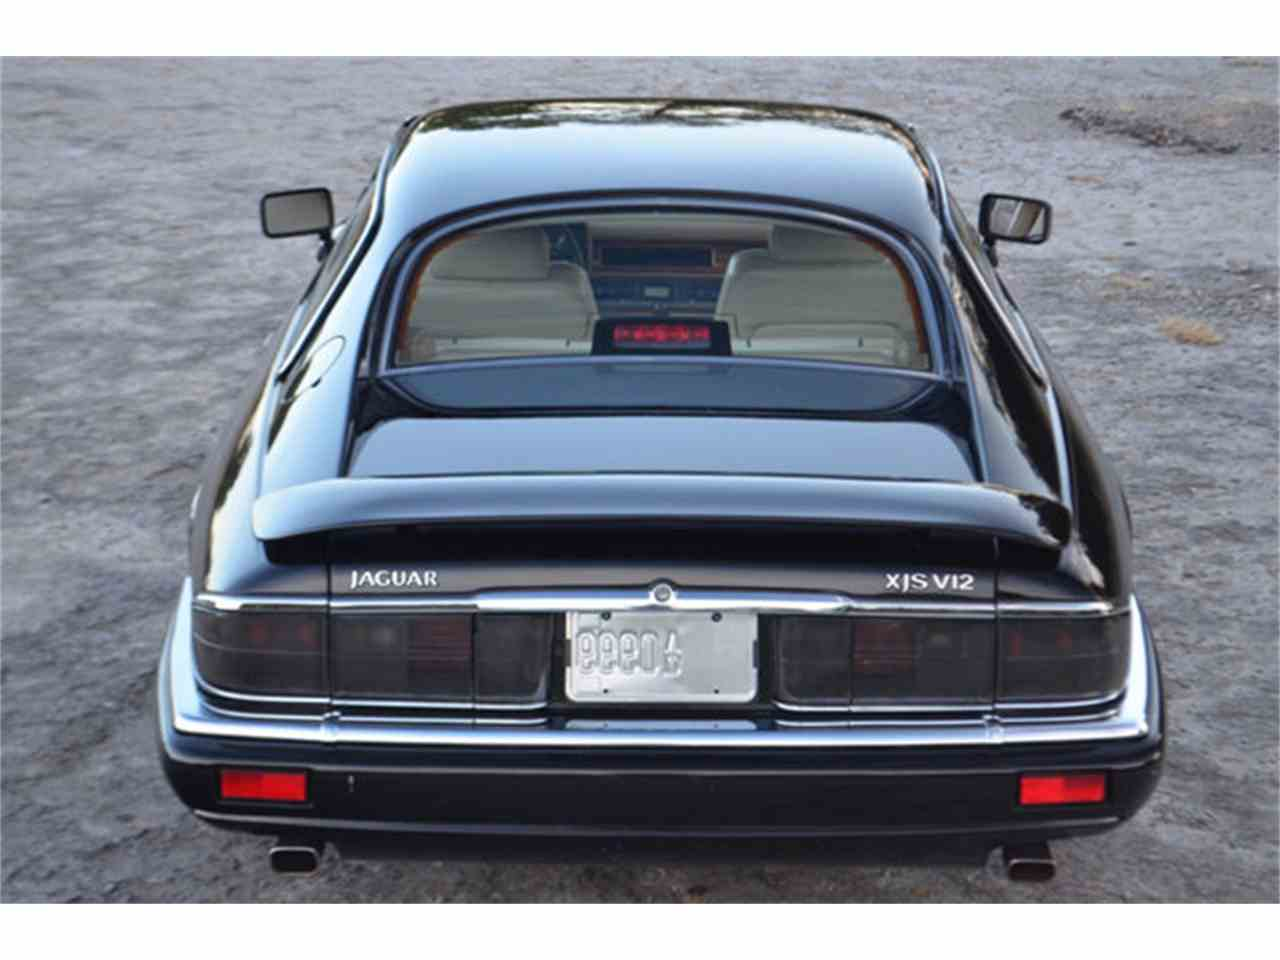 Large Picture of 1994 Jaguar XJS - $19,800.00 - M2J7